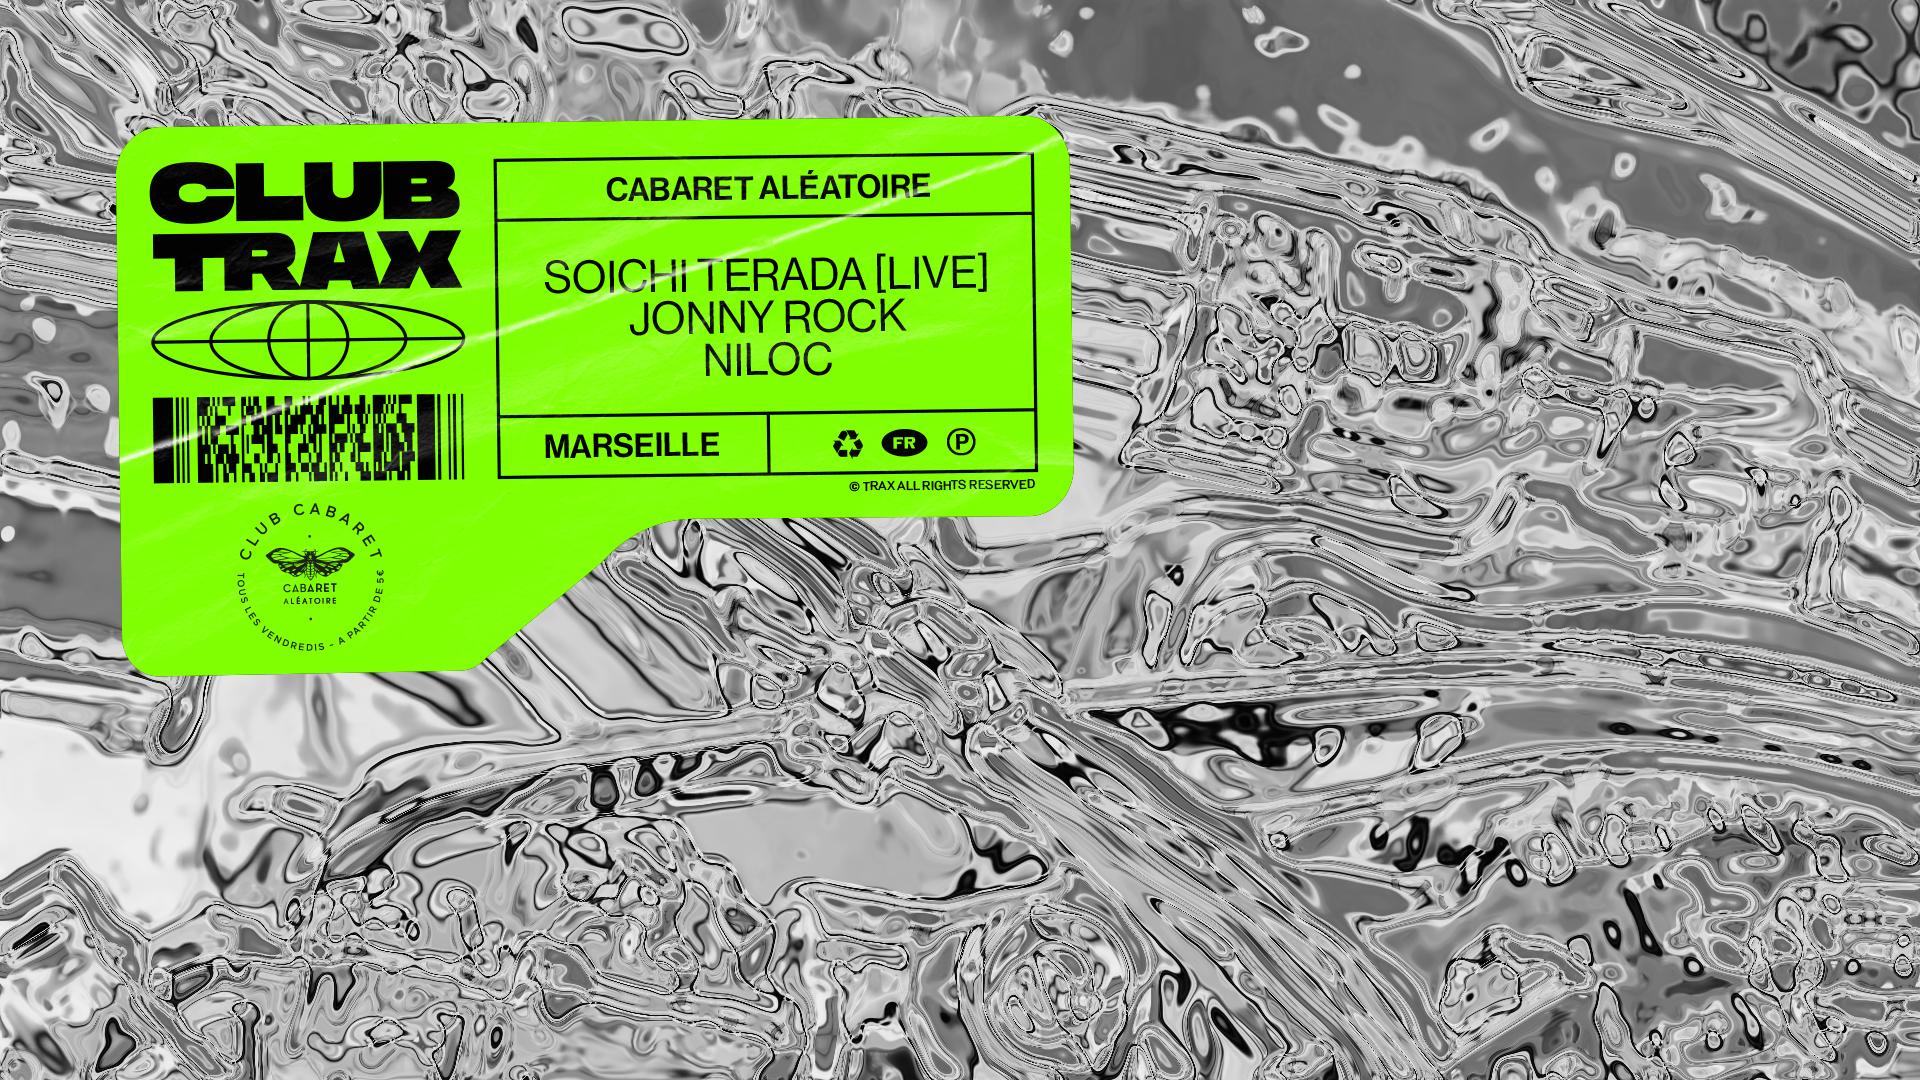 CLUB CABARET x Club Trax : SOICHI TERADA + JONNY ROCK + NILOC